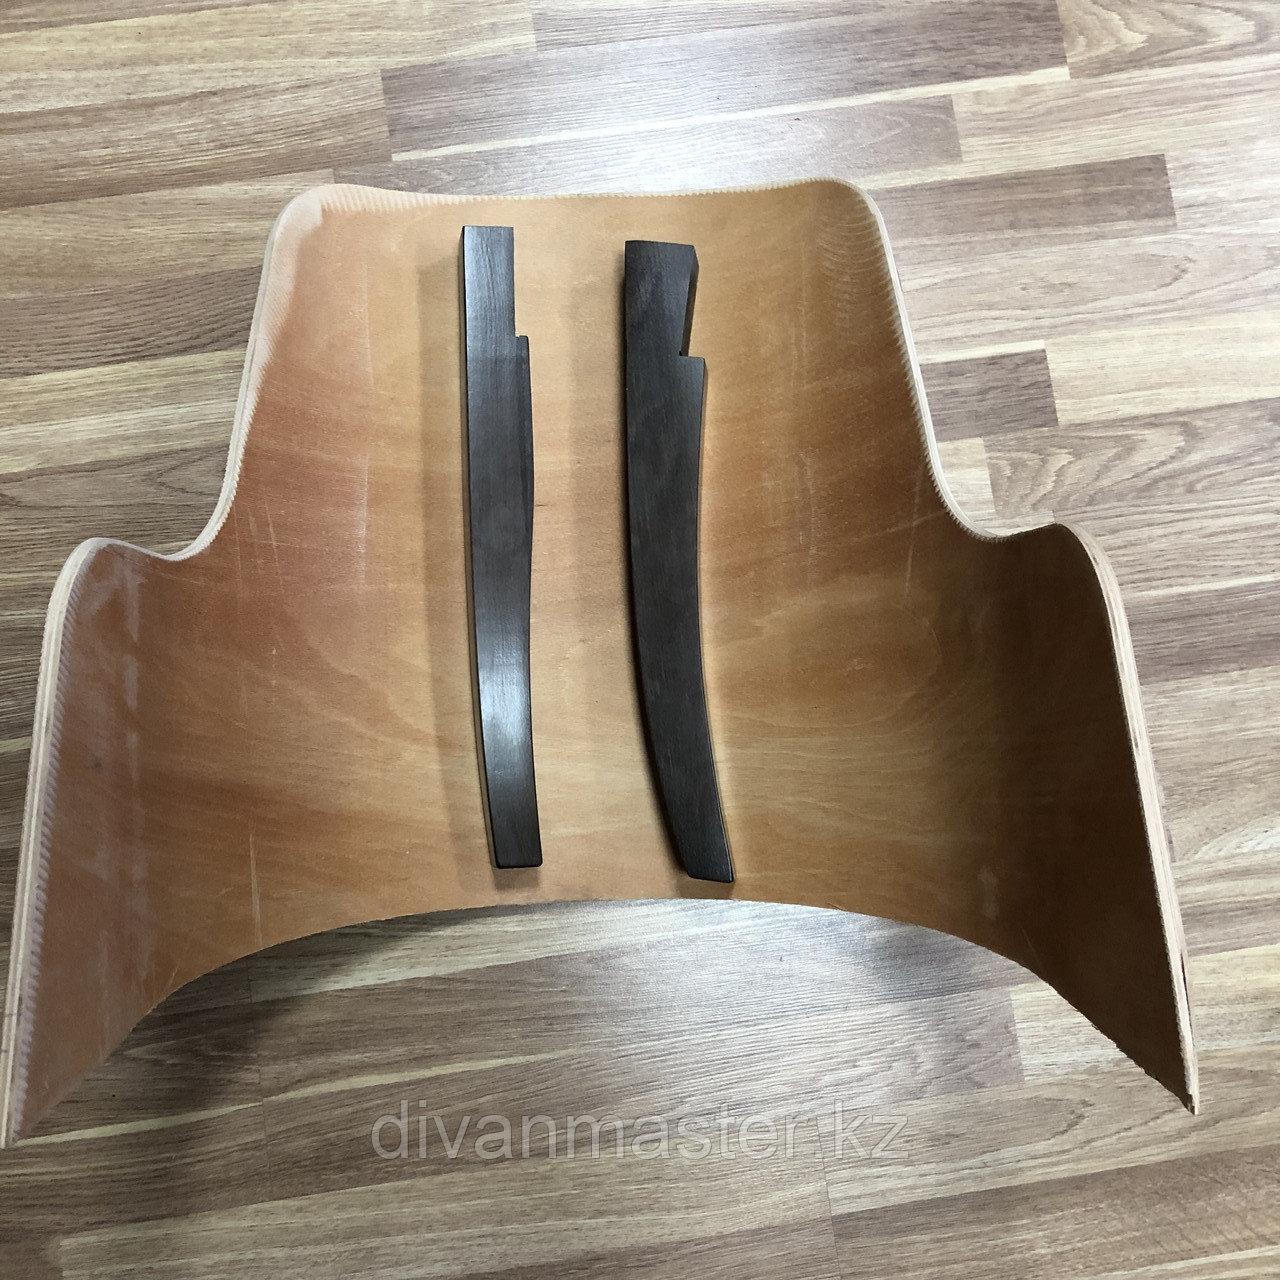 Ножки для стульев, 4 штуки, 35 см, бук. Венге